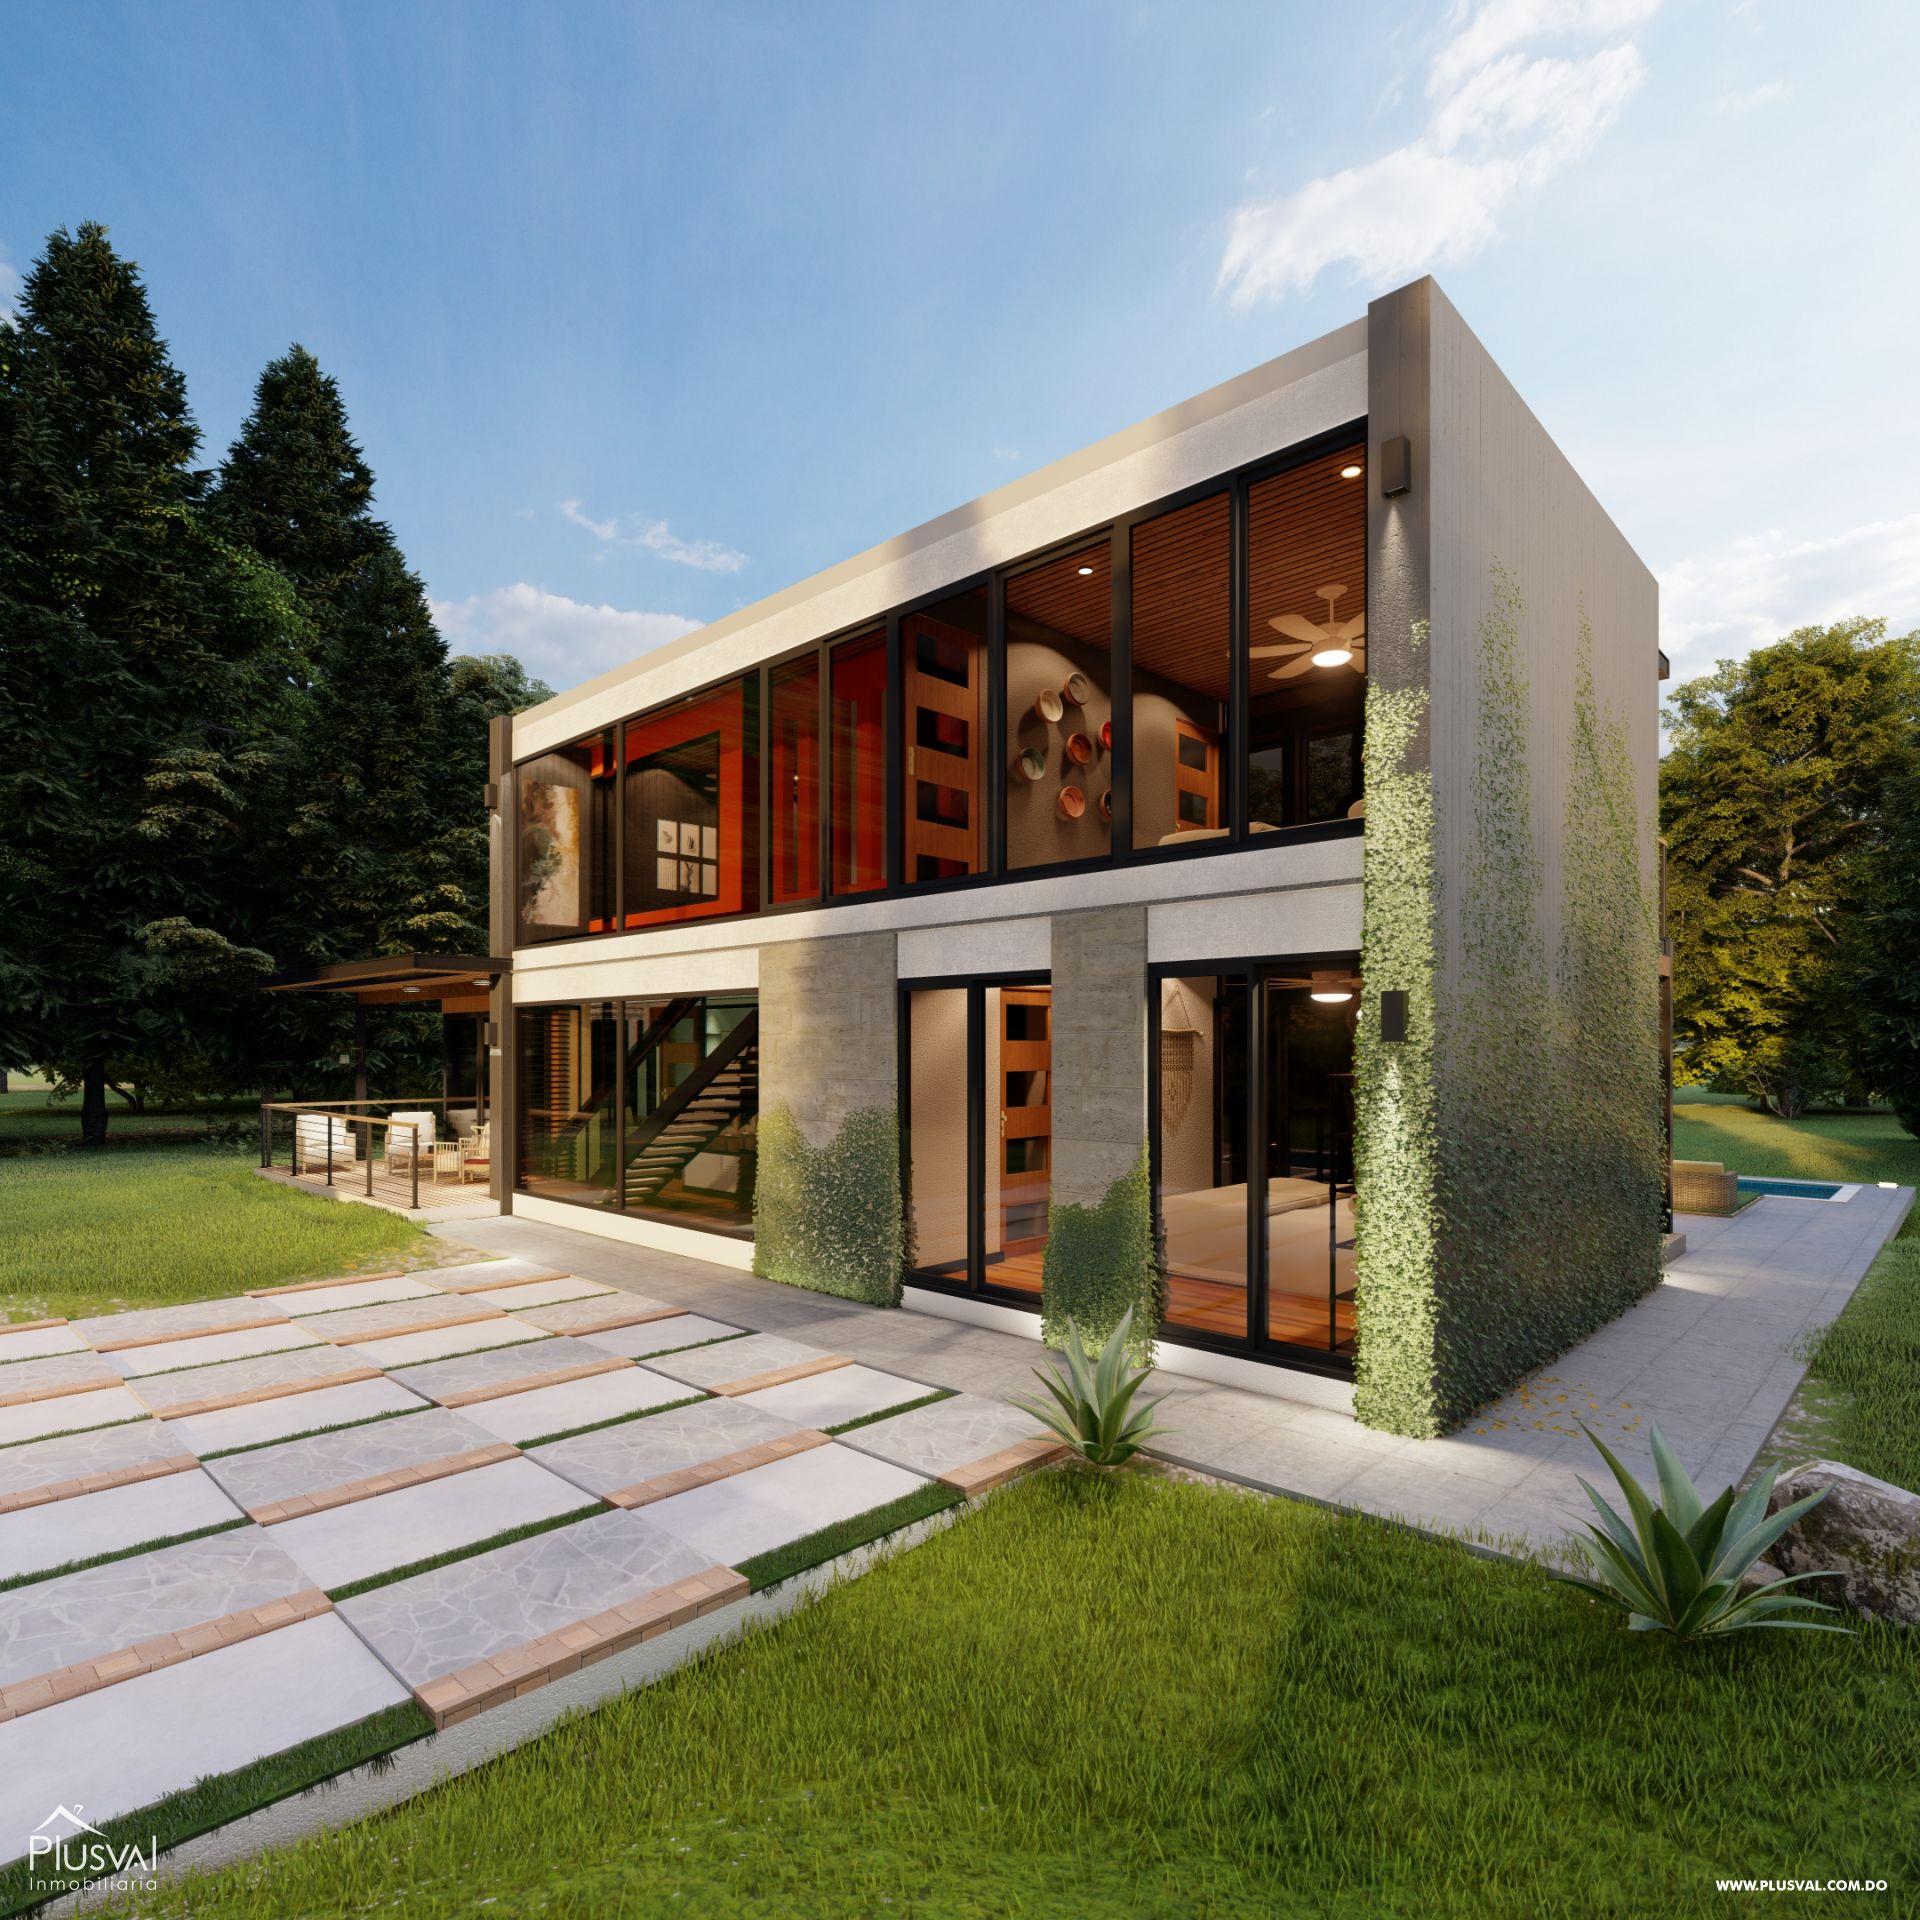 Villas en Jarabacoa con excelente diseño e inmejorable ubicación 159137